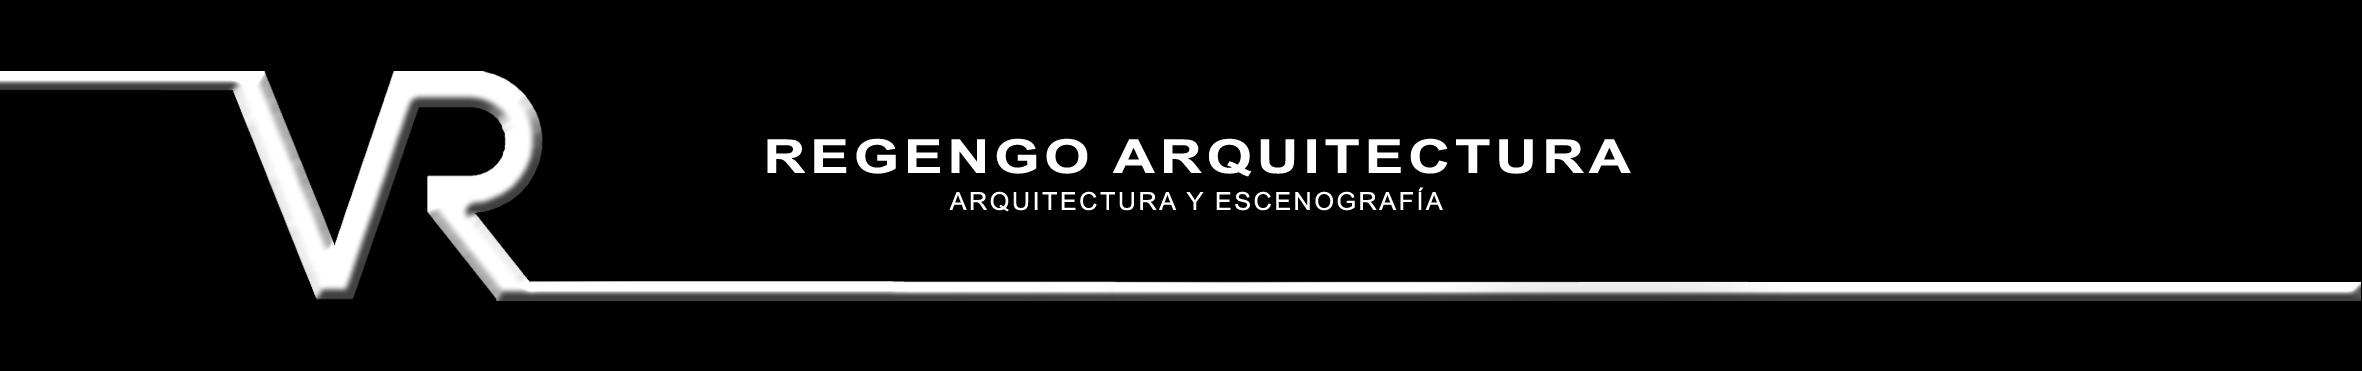 REGENGO ARQUITECTURA